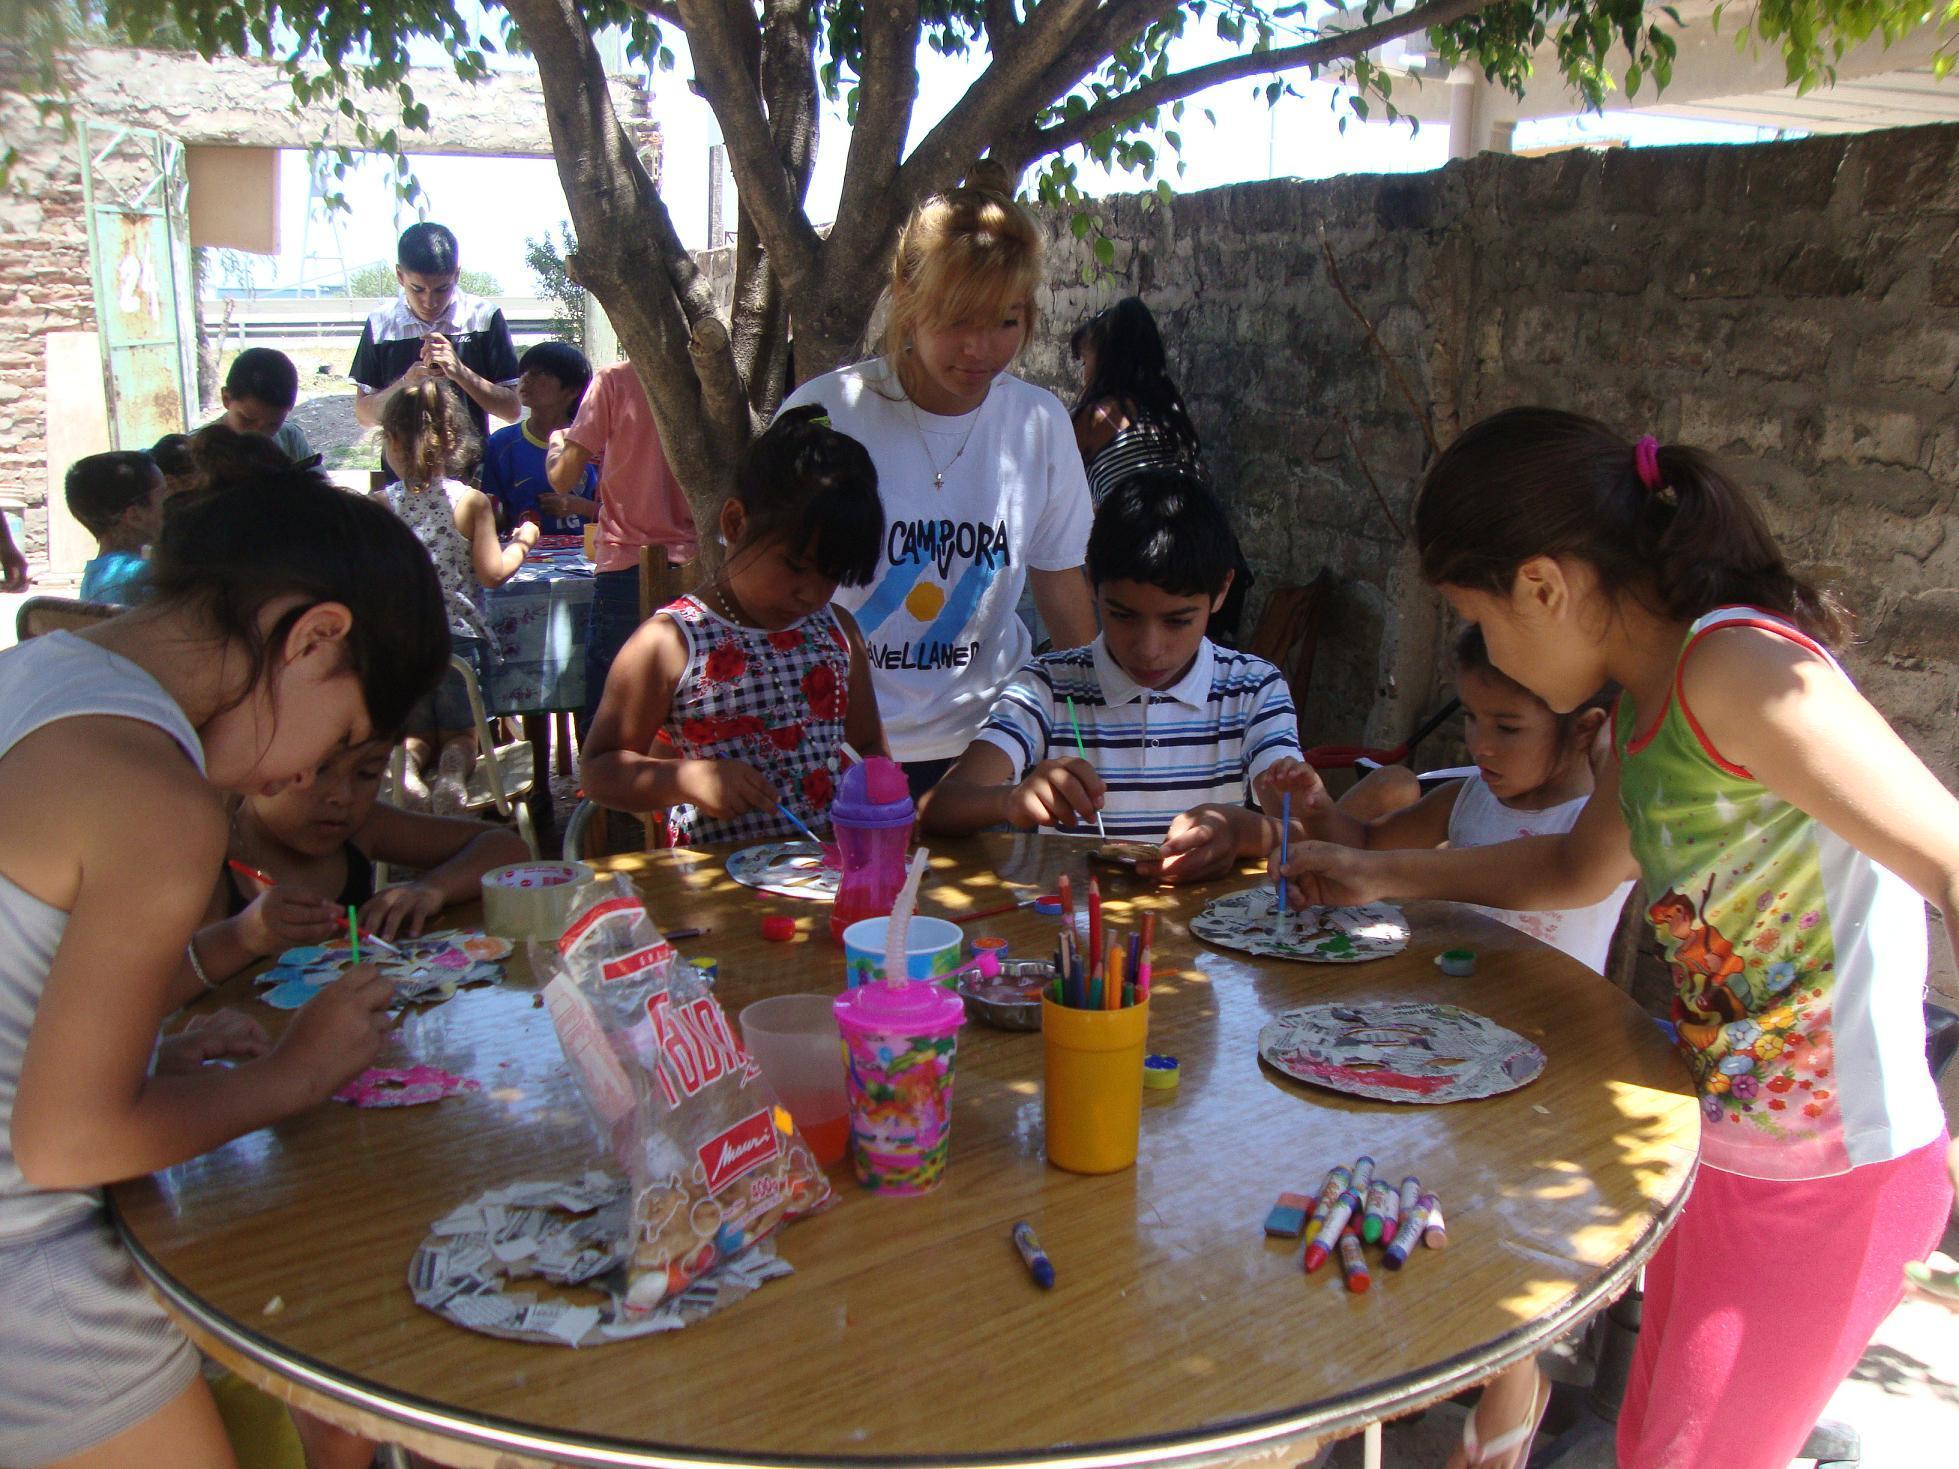 actividad-recreativa-en-el-barrio-santa-catalina-9